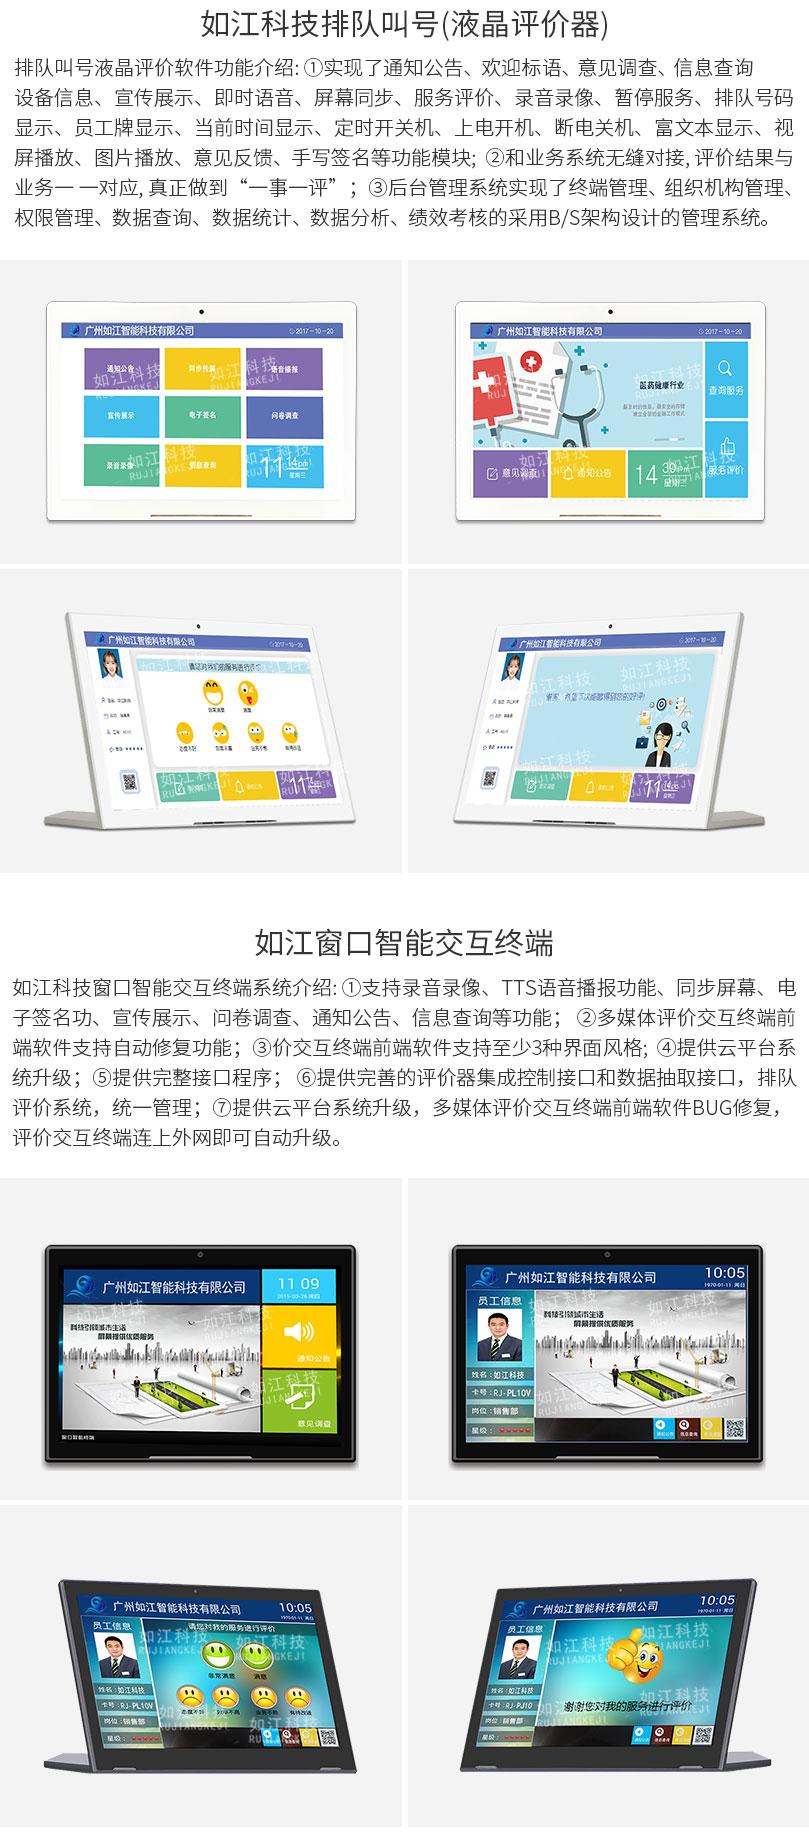 窗口评价交互终端_政务千赢国际手机登录评价器